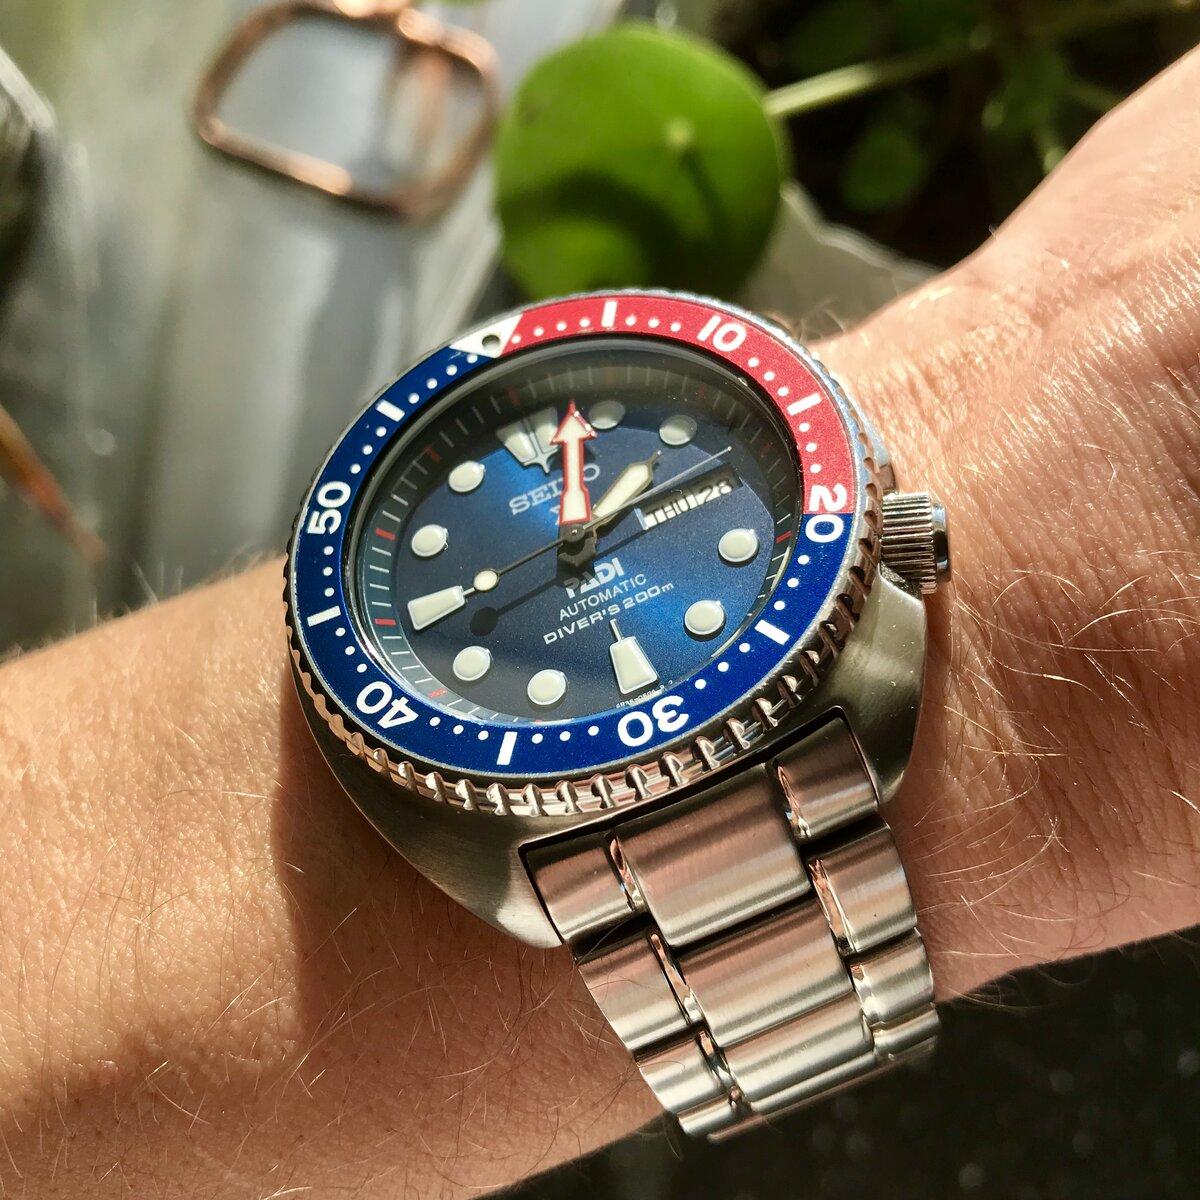 EFD83C66-57BC-4FA5-A72A-73EAC728034A.